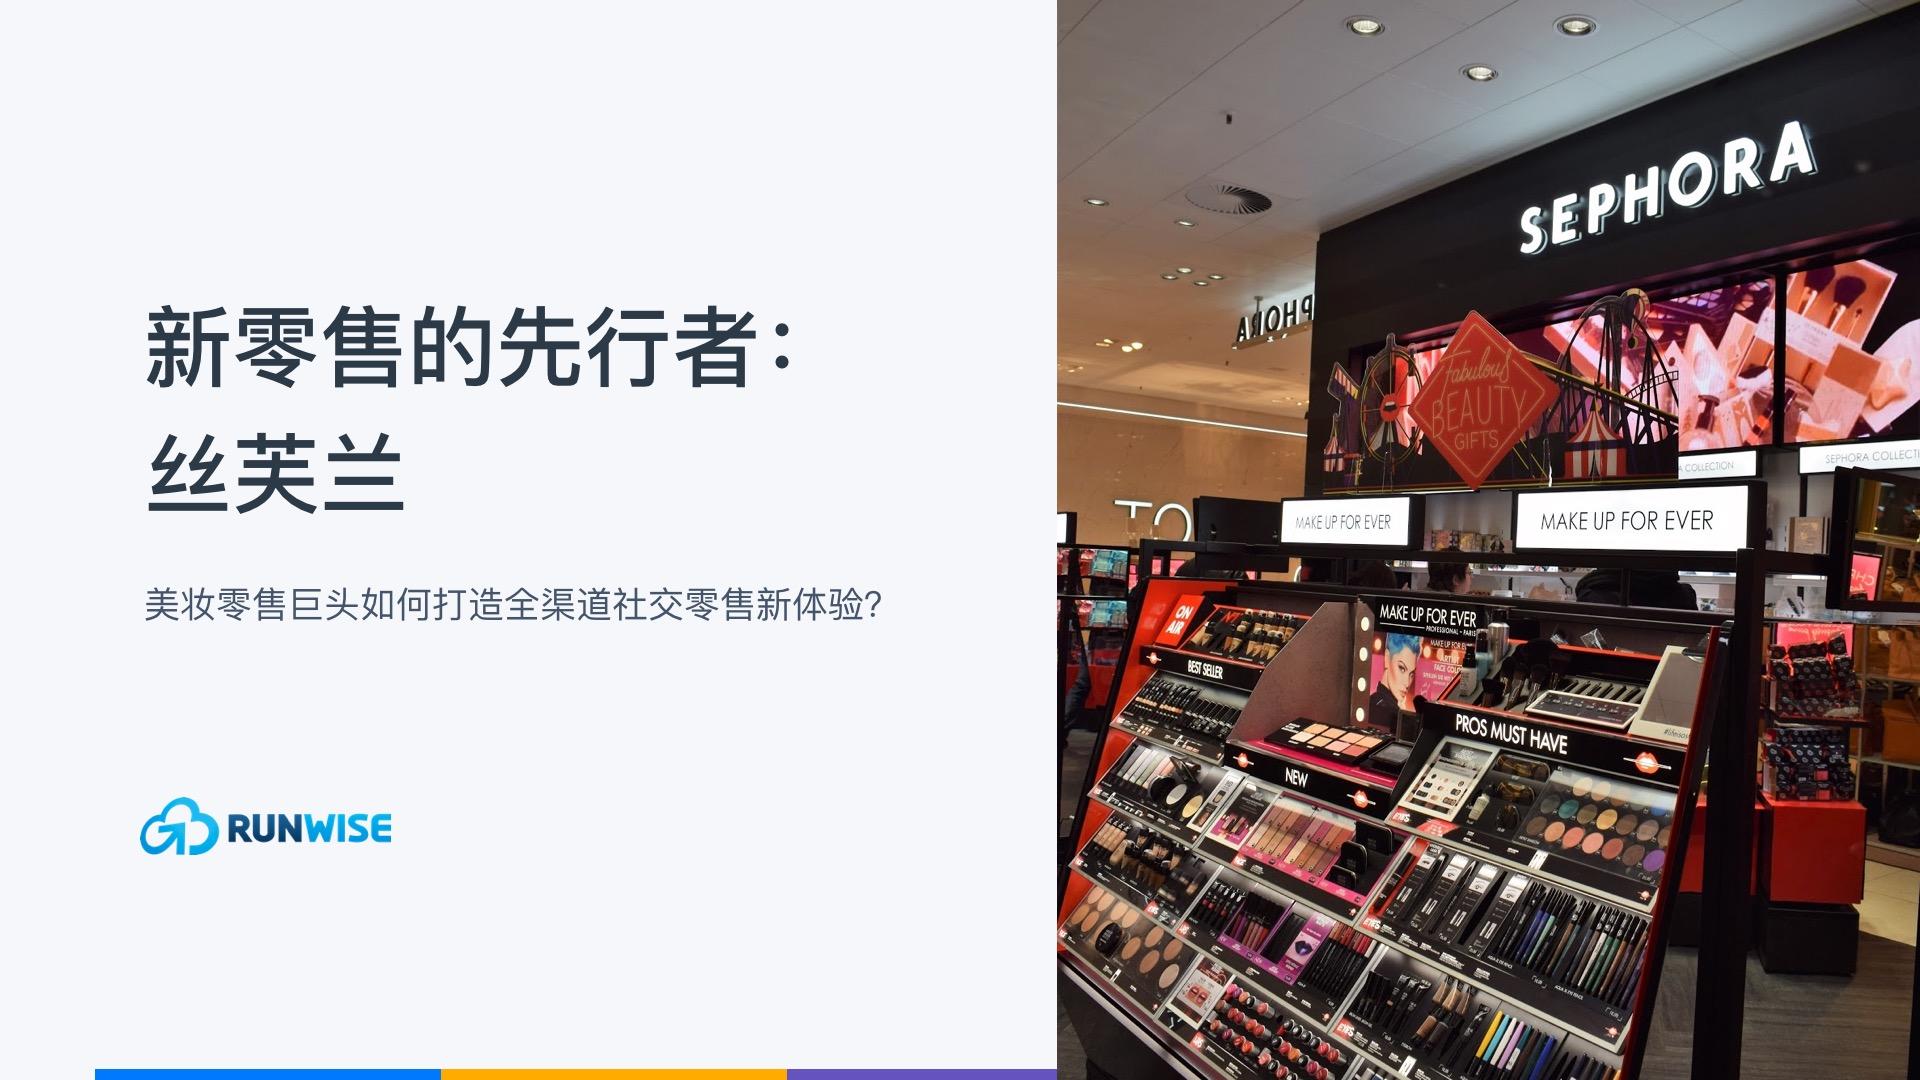 成功案例 丝芙兰以DTC创新策略斩获6%全球美妆市场份额